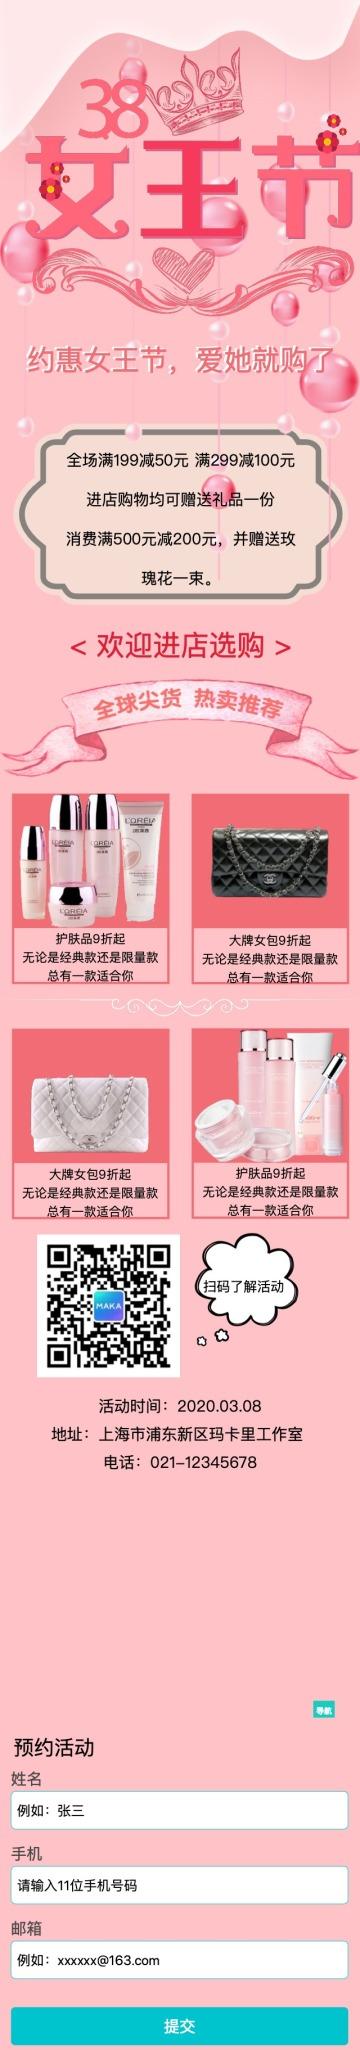 简约浪漫女王节促销活动单页宣传推广